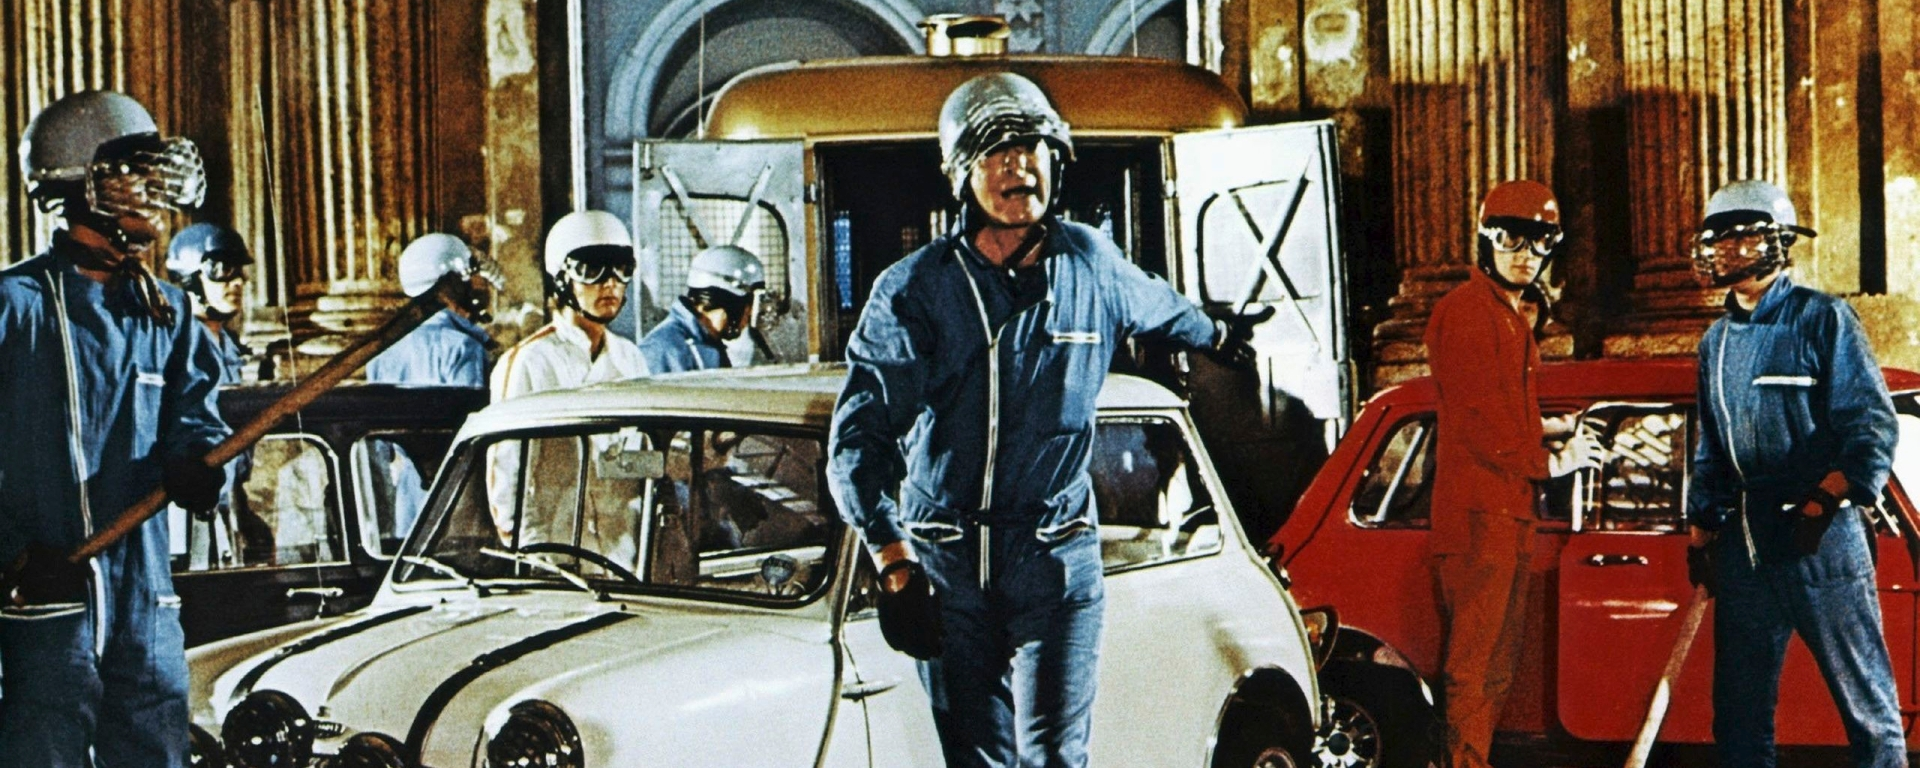 Un colpo all'italiana - CineFatti